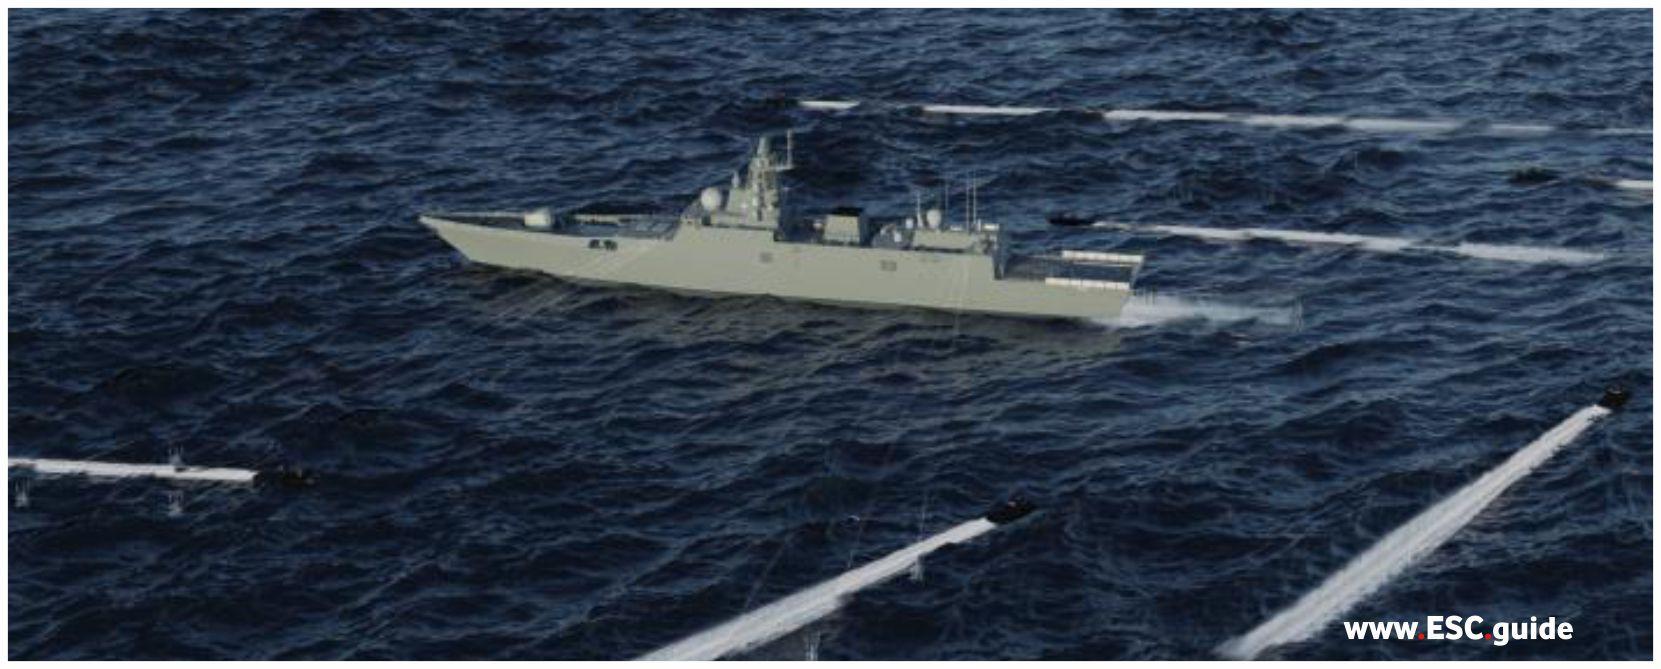 MANTAS T38 surround adversarial vessel.